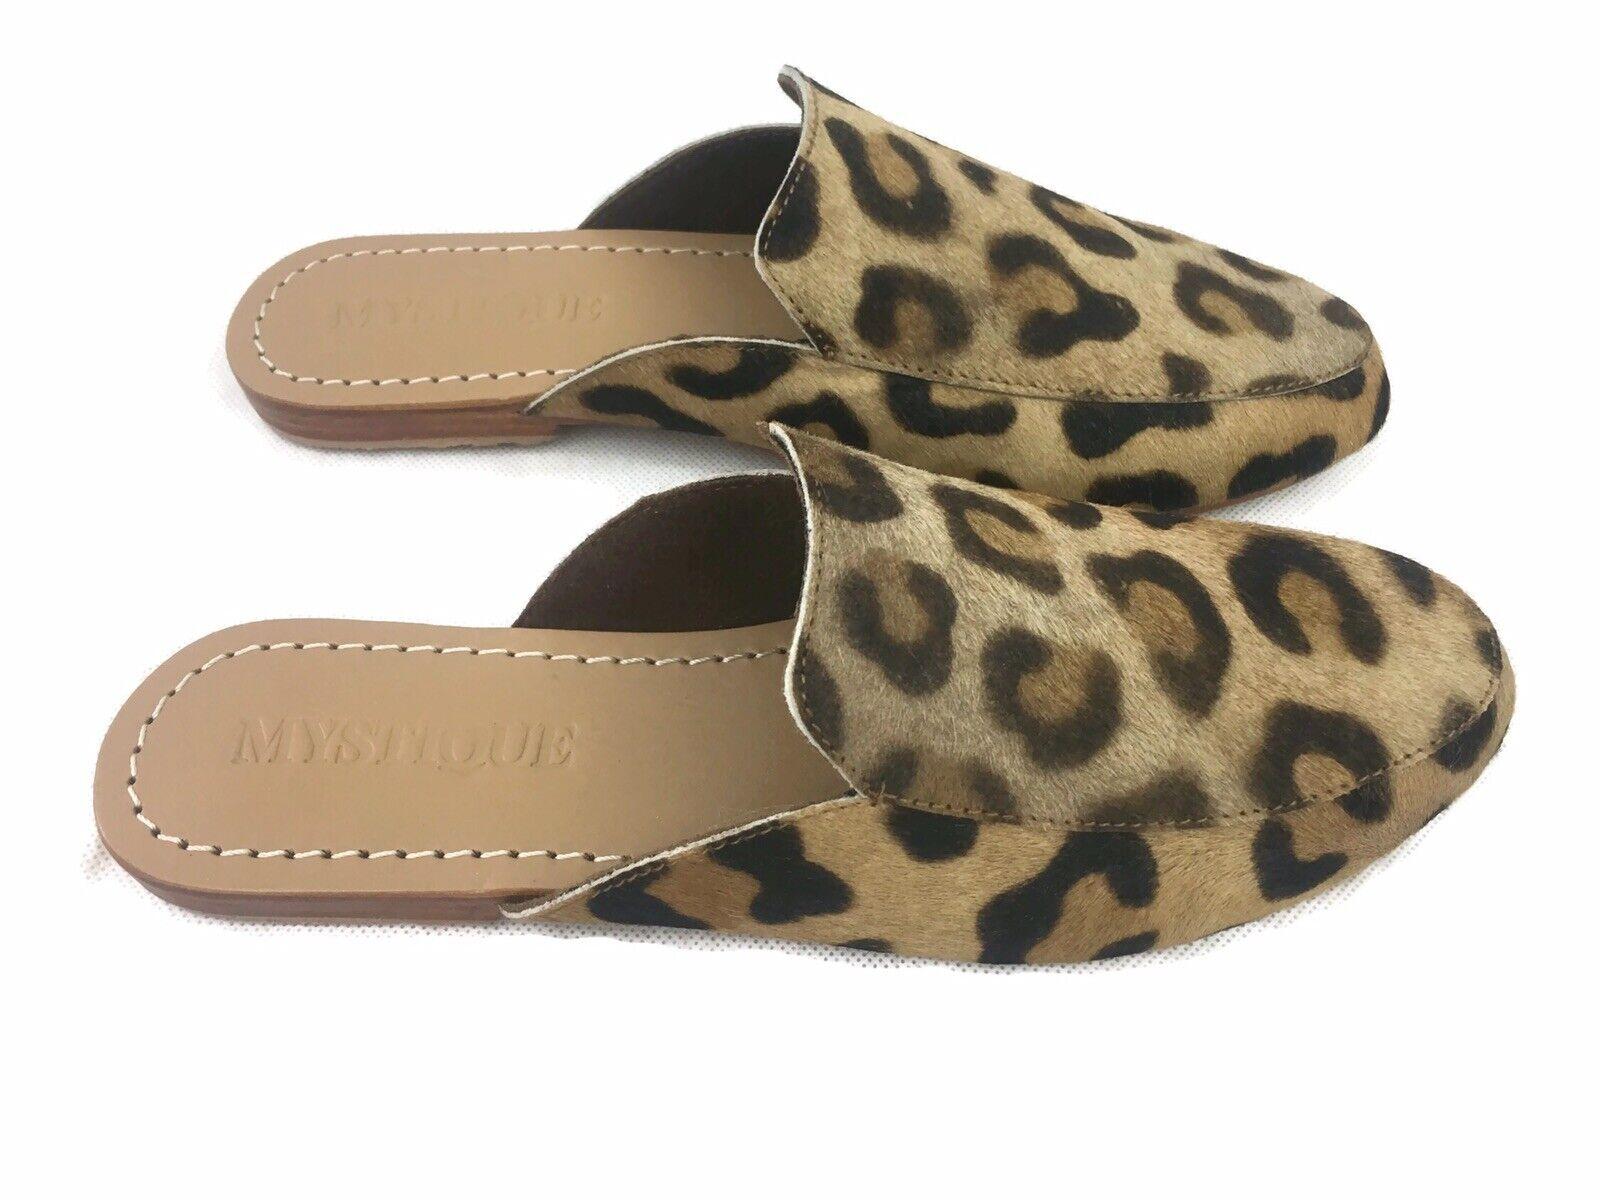 Mystique Leopard Leather Mule Sandals - UK 5 US 7 EU 38 -   - New